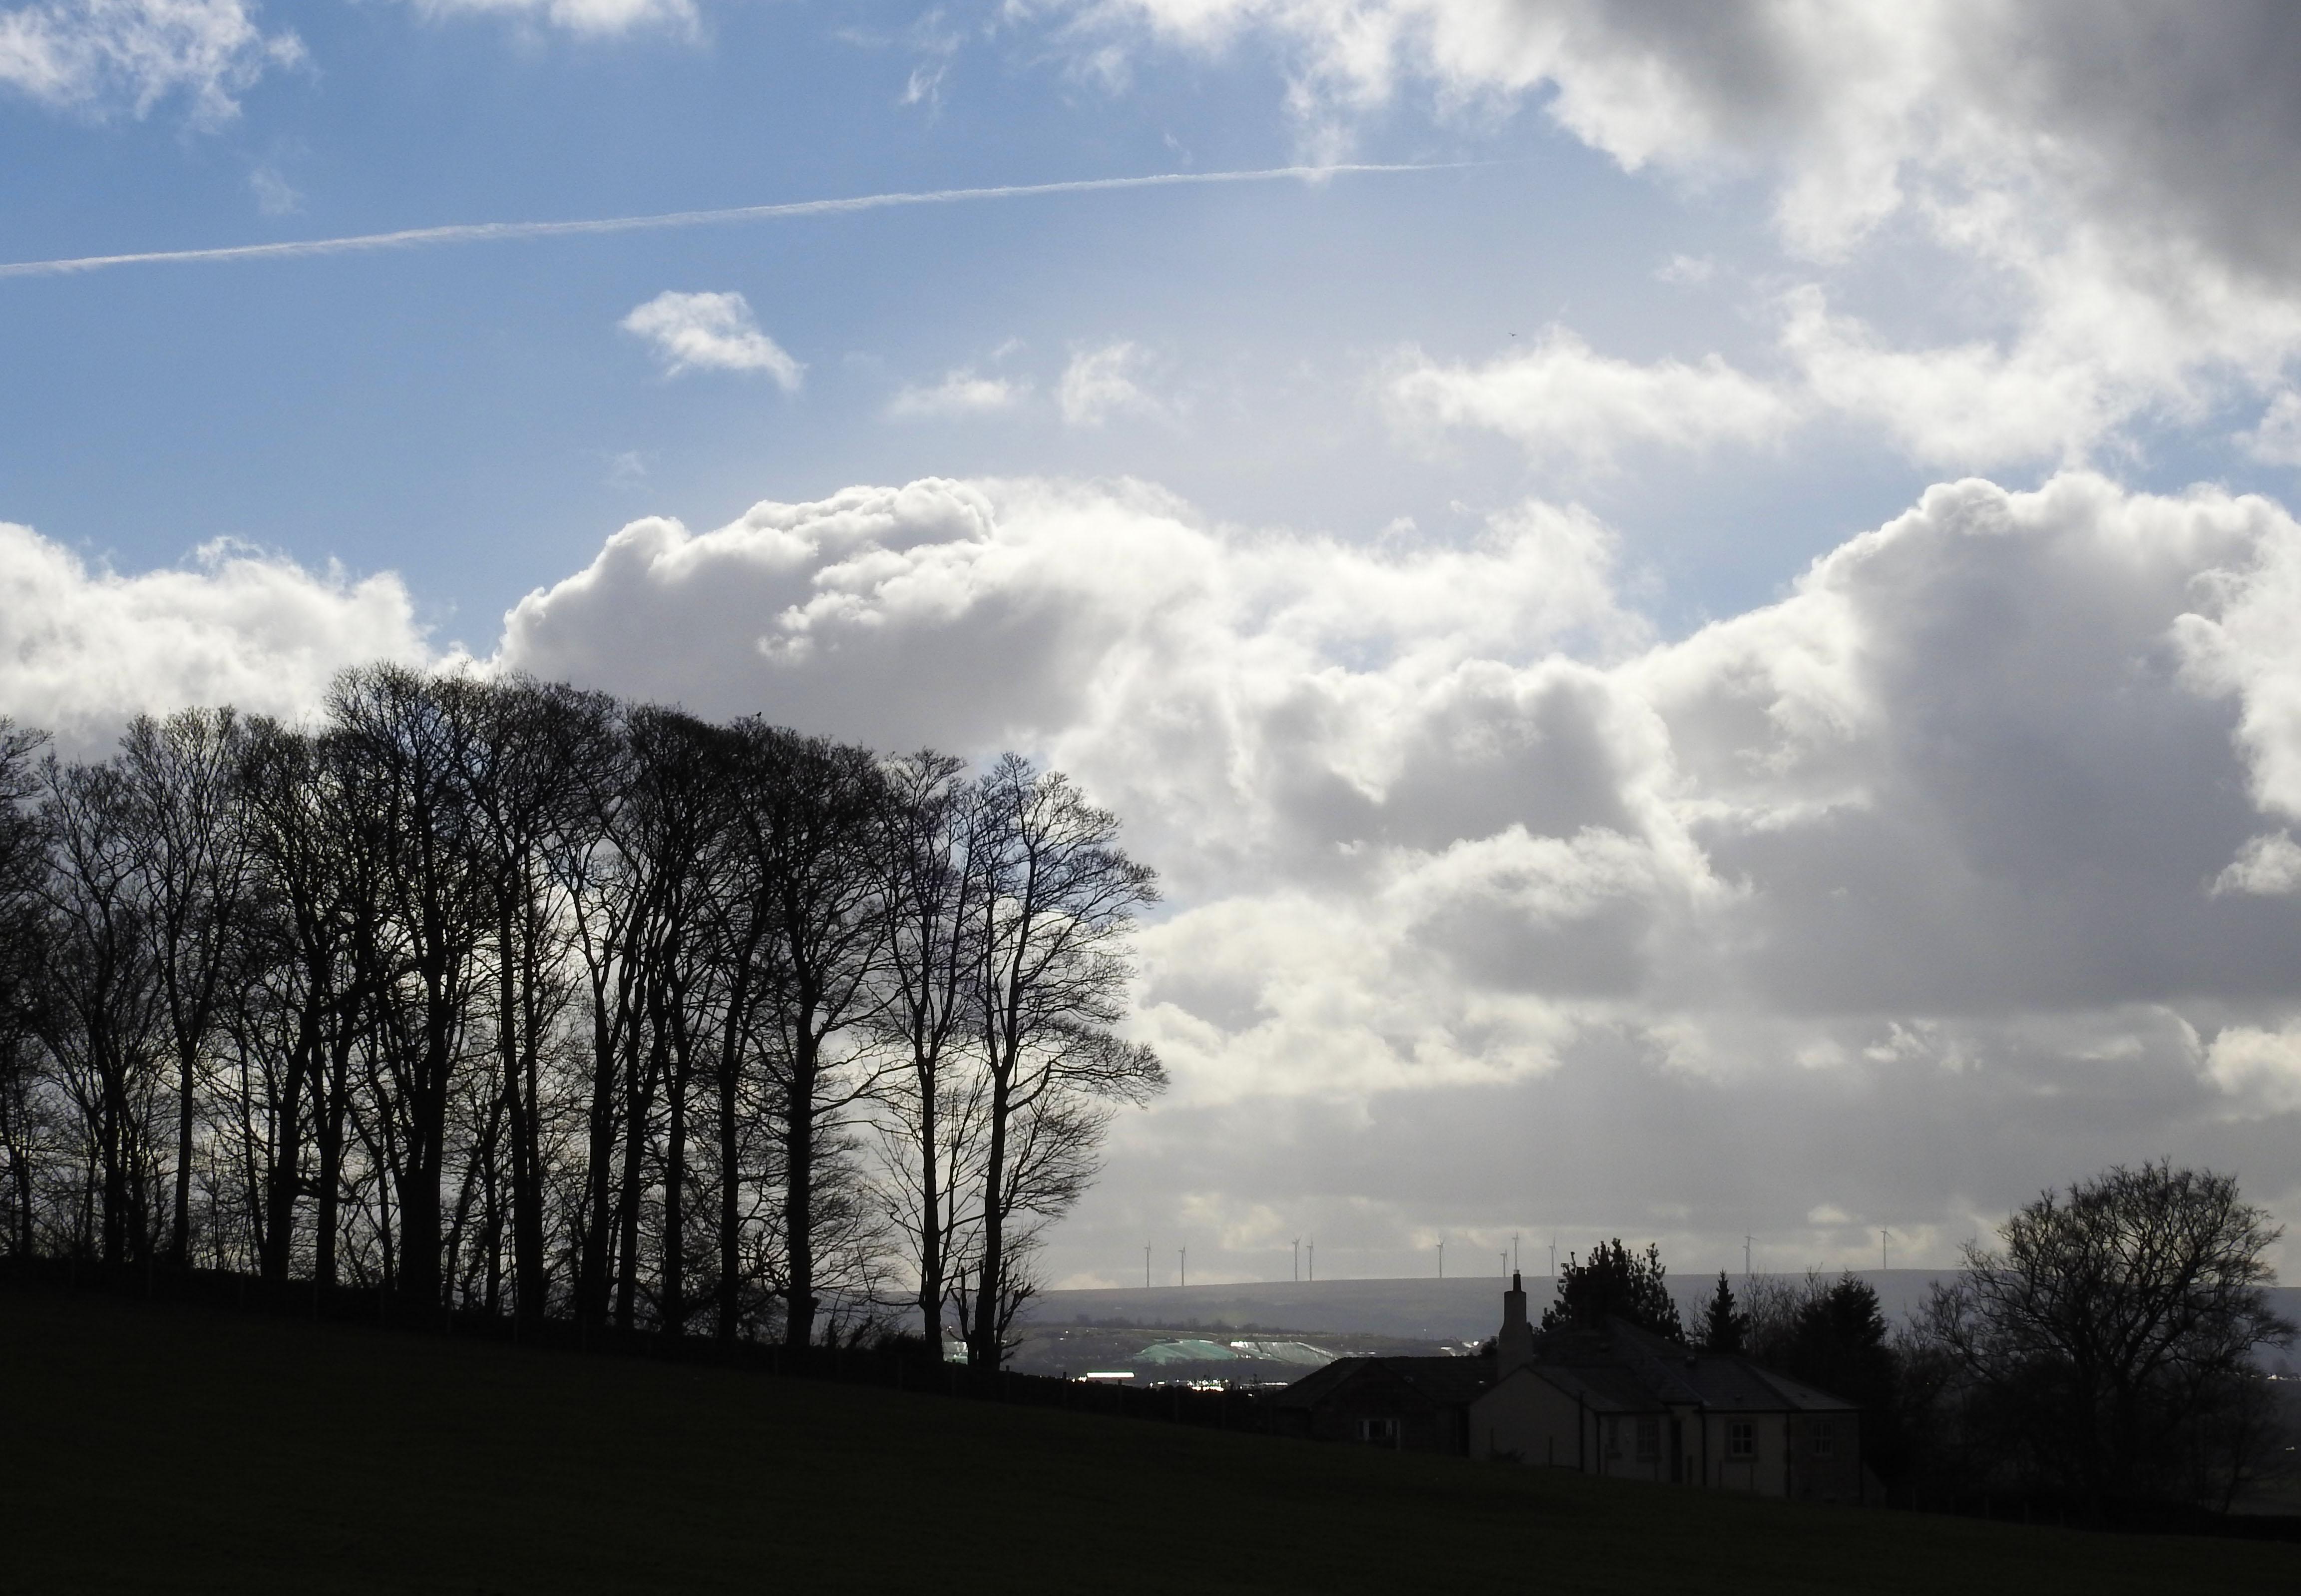 Hintergrundbilder Himmel Wolke Sonnenschein Bäume